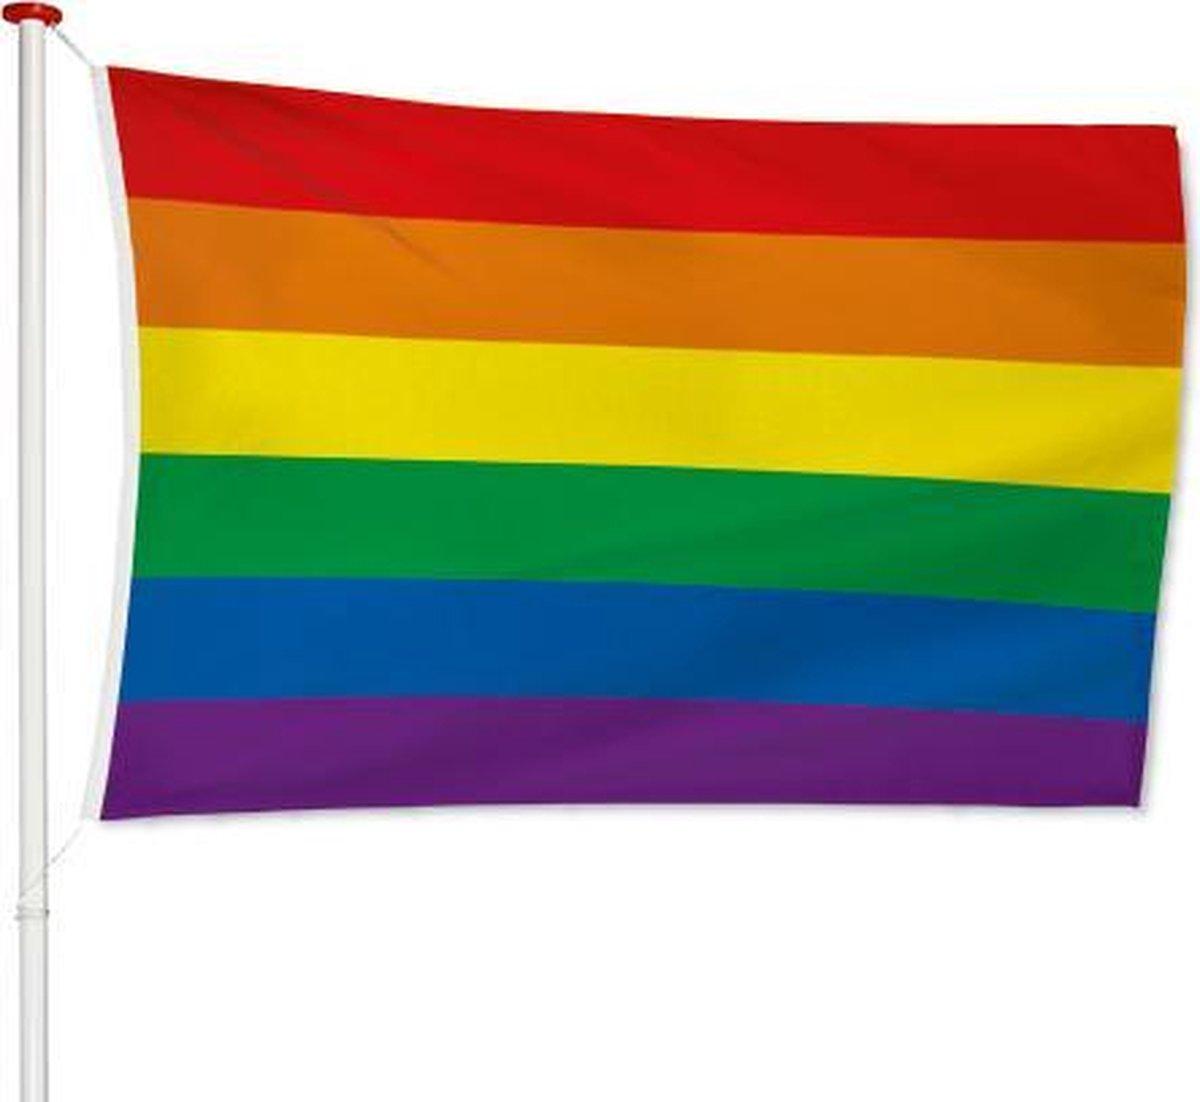 Regenboog Vlag 100x150cm   LGBT Gay Pride Vlag   Rainbow Flag   Regenboogvlag   Regenboog Decoratie